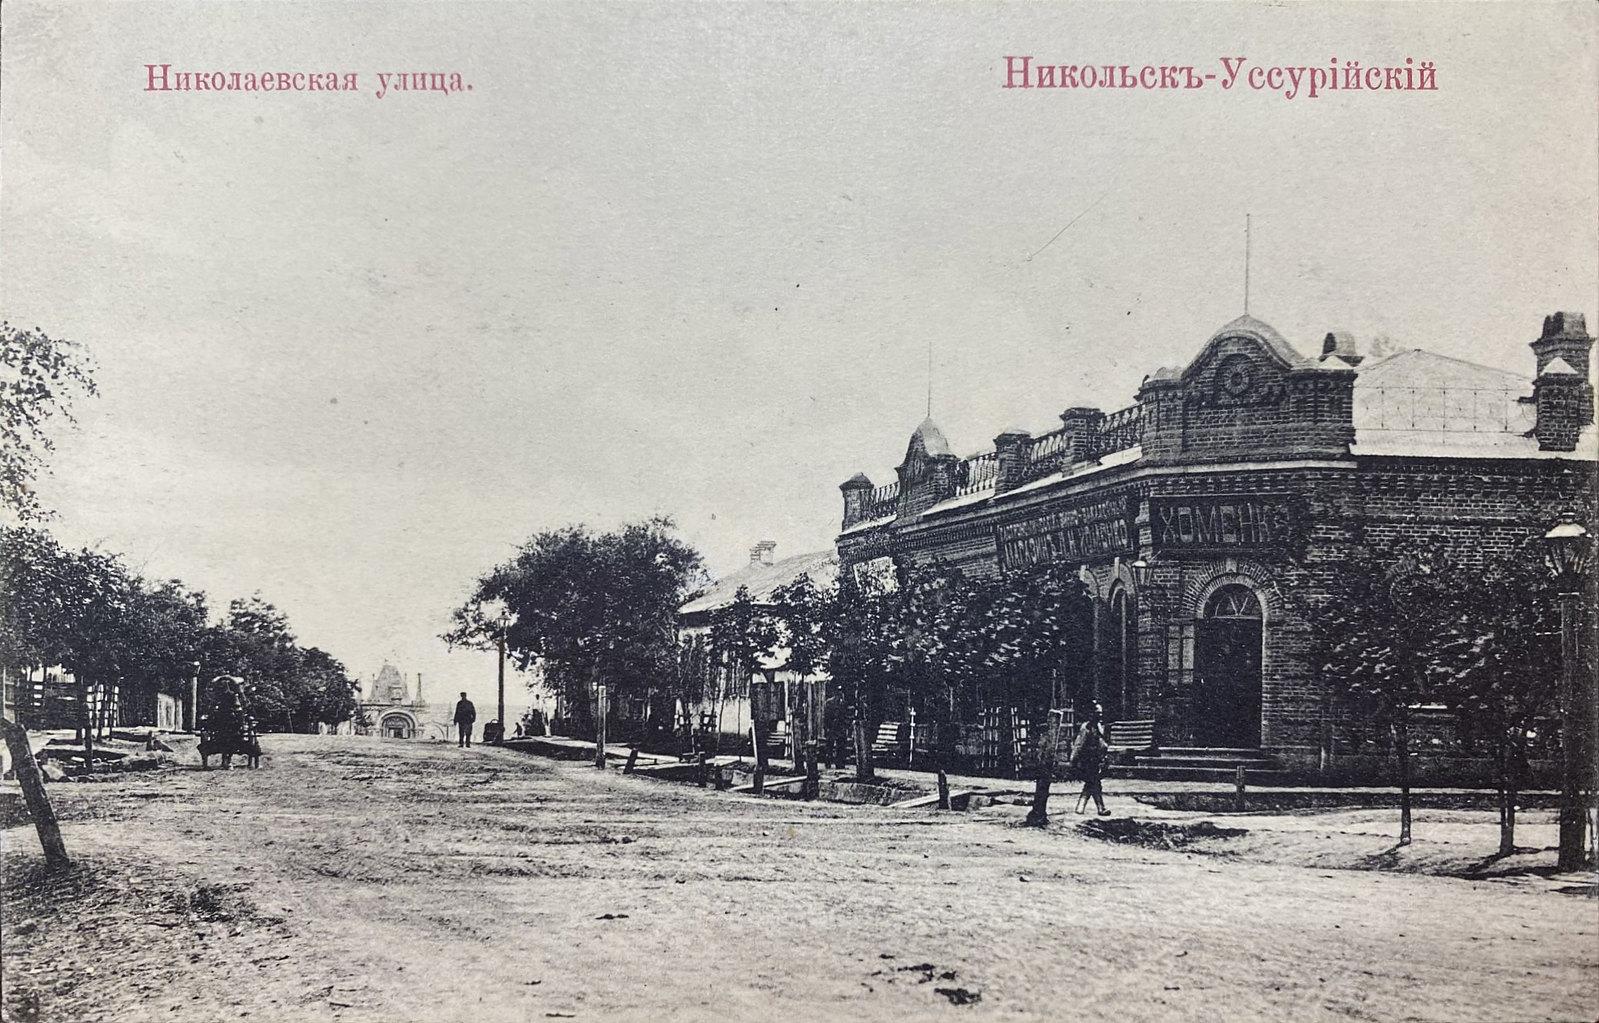 Николаевская улица